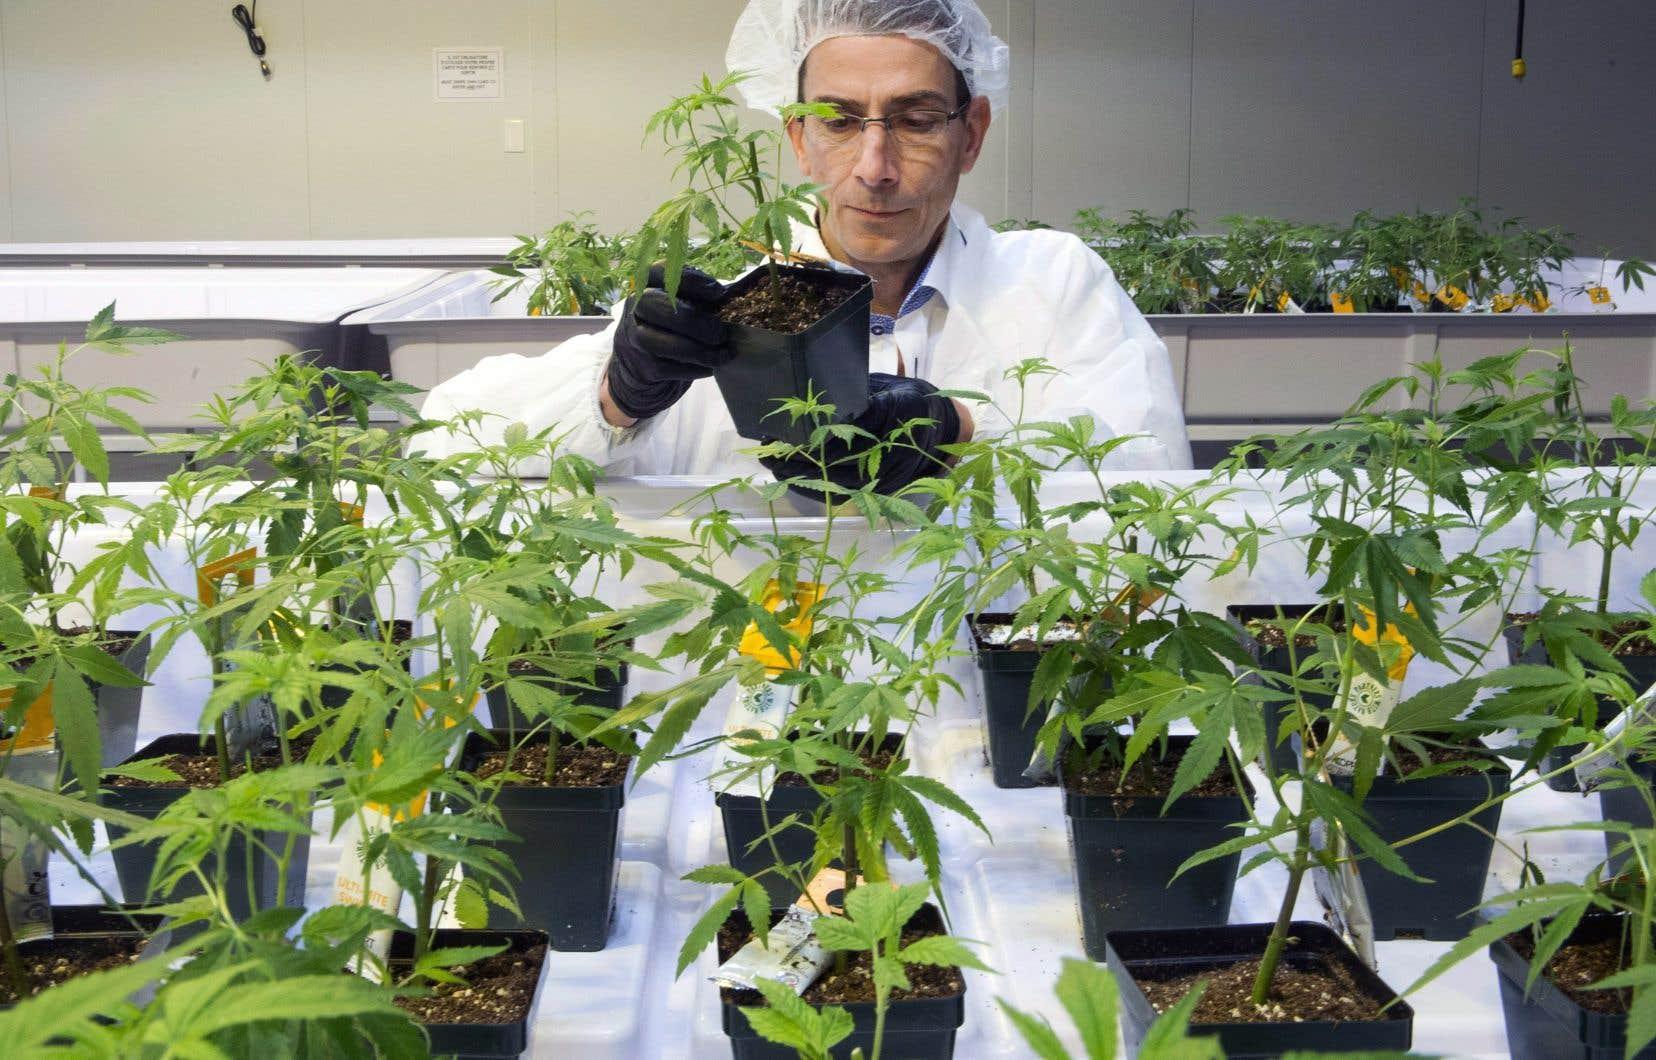 Dale Wilesack analyse des plants de cannabis dans les installations de Aurora Cannabis.